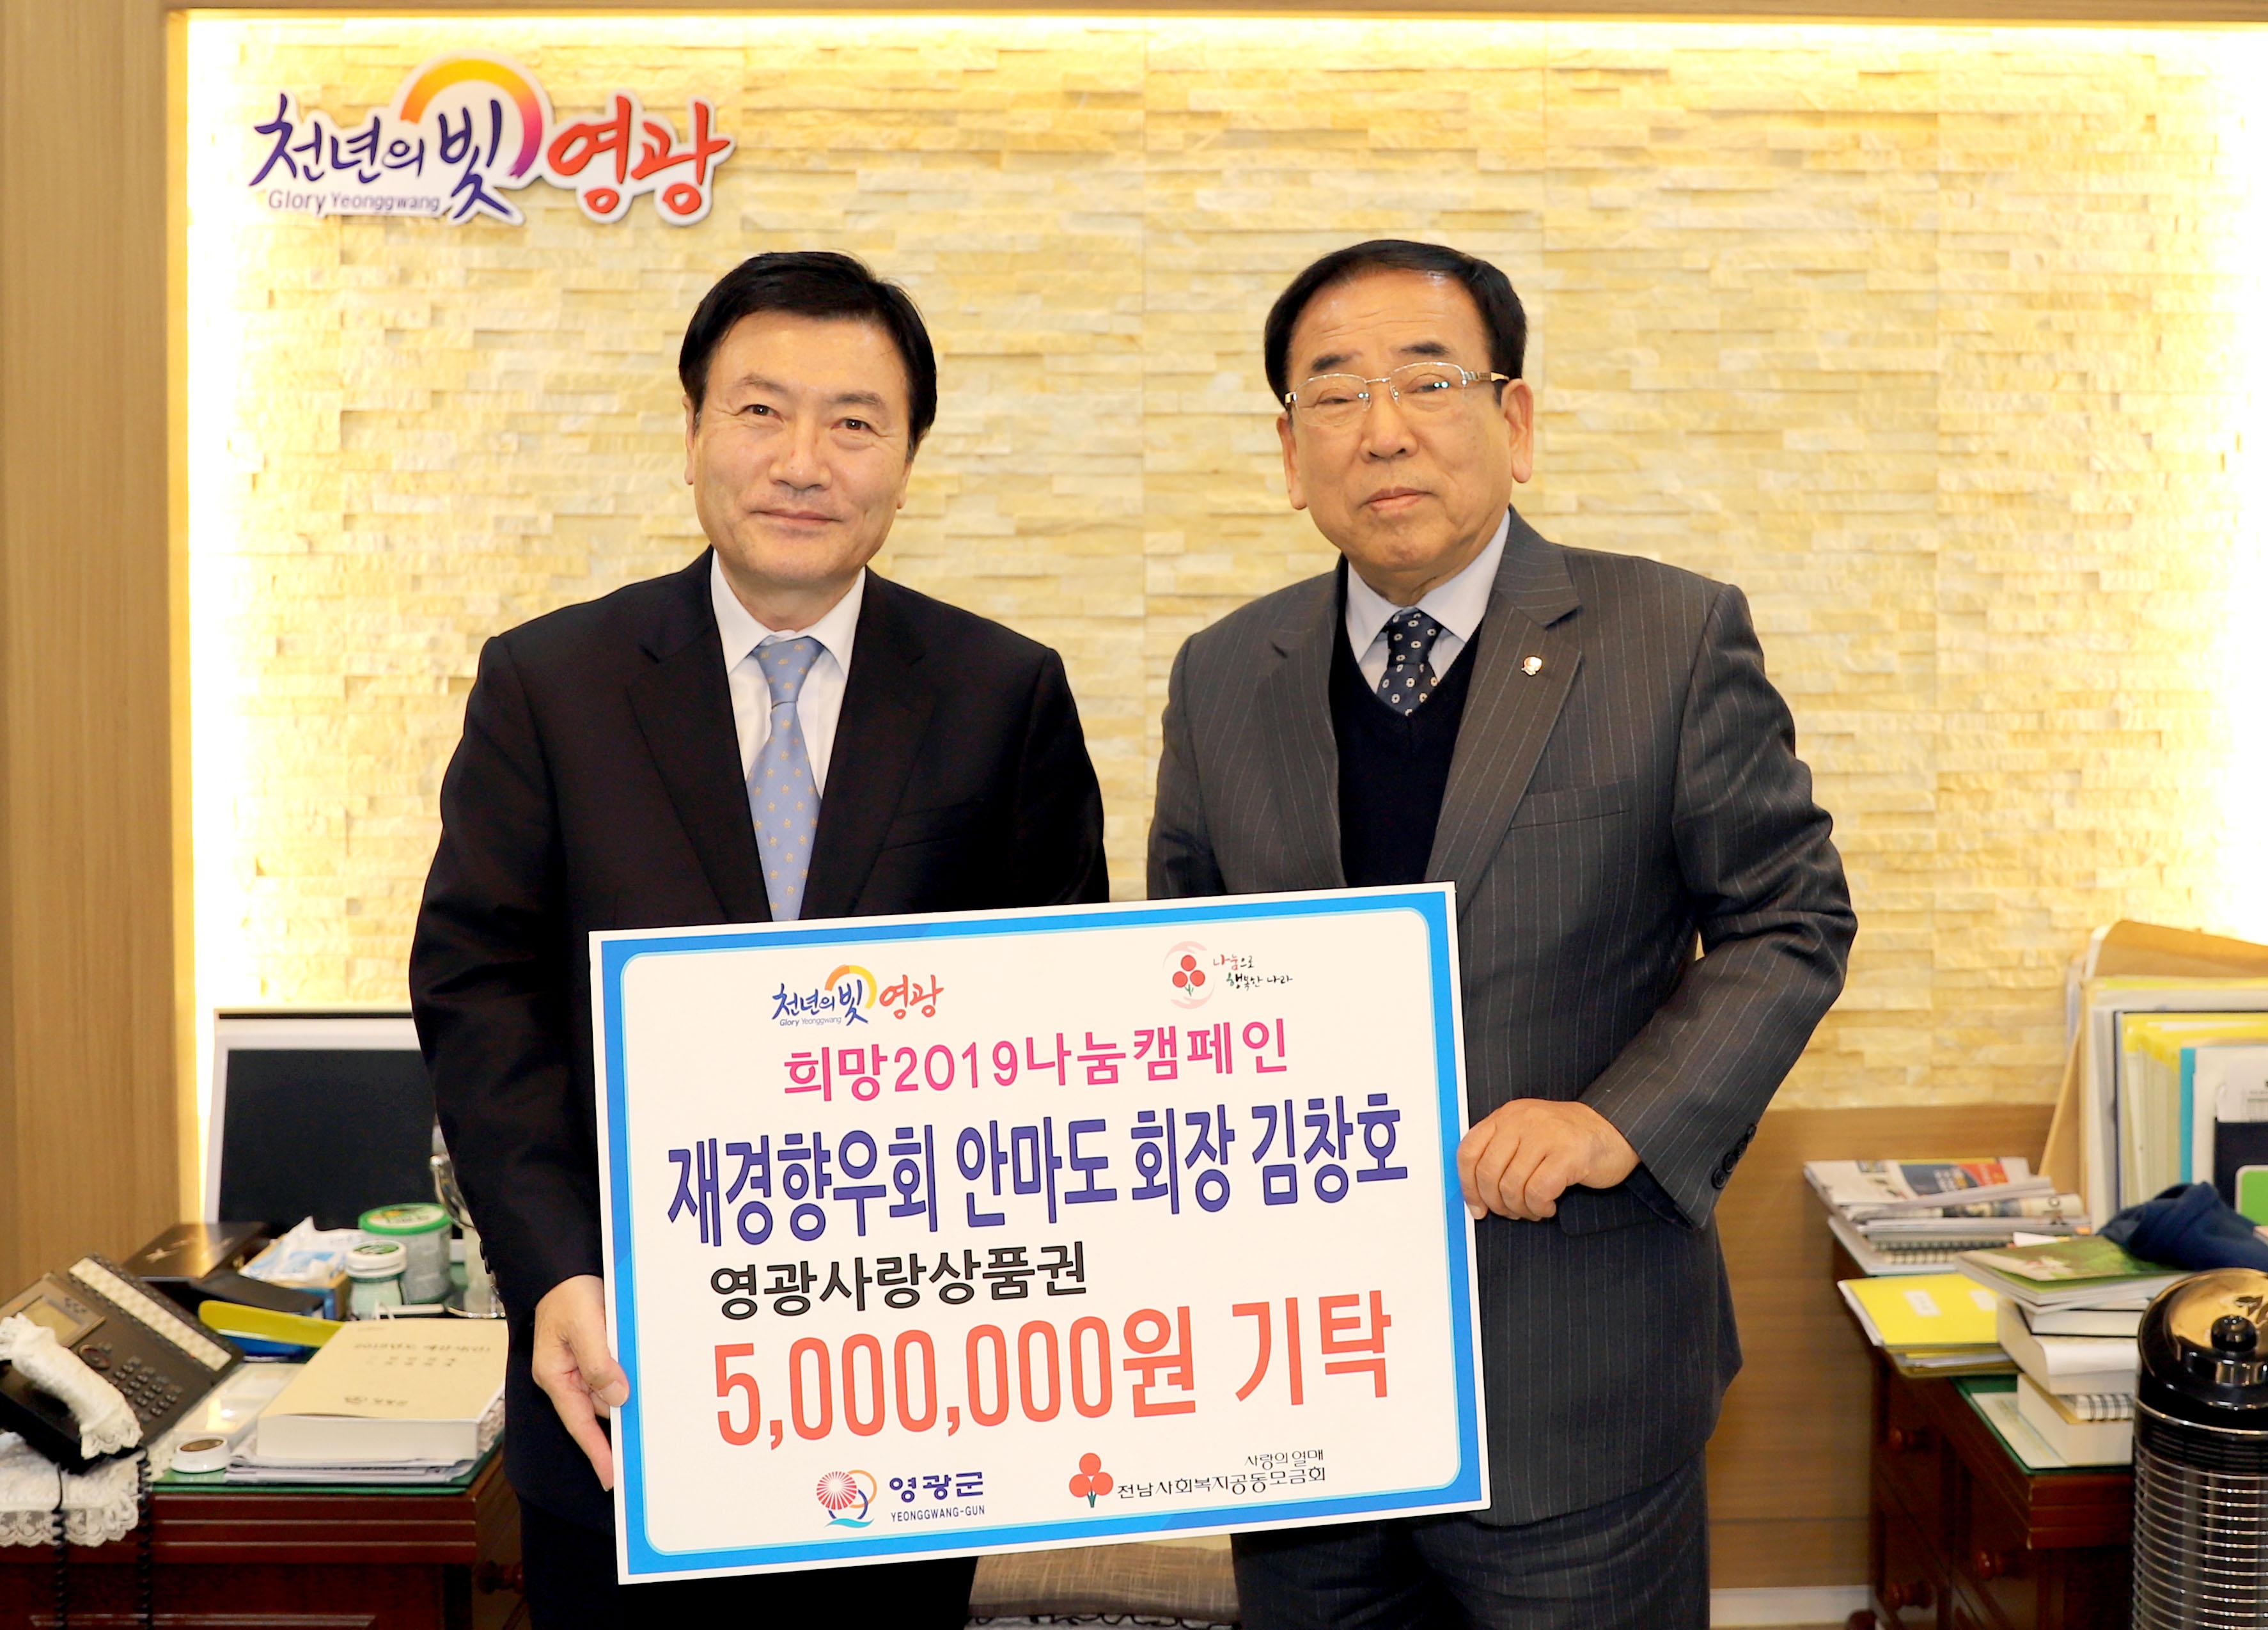 재경 안마도향우회 김창호 회장  영광사랑상품권 500만원 기탁